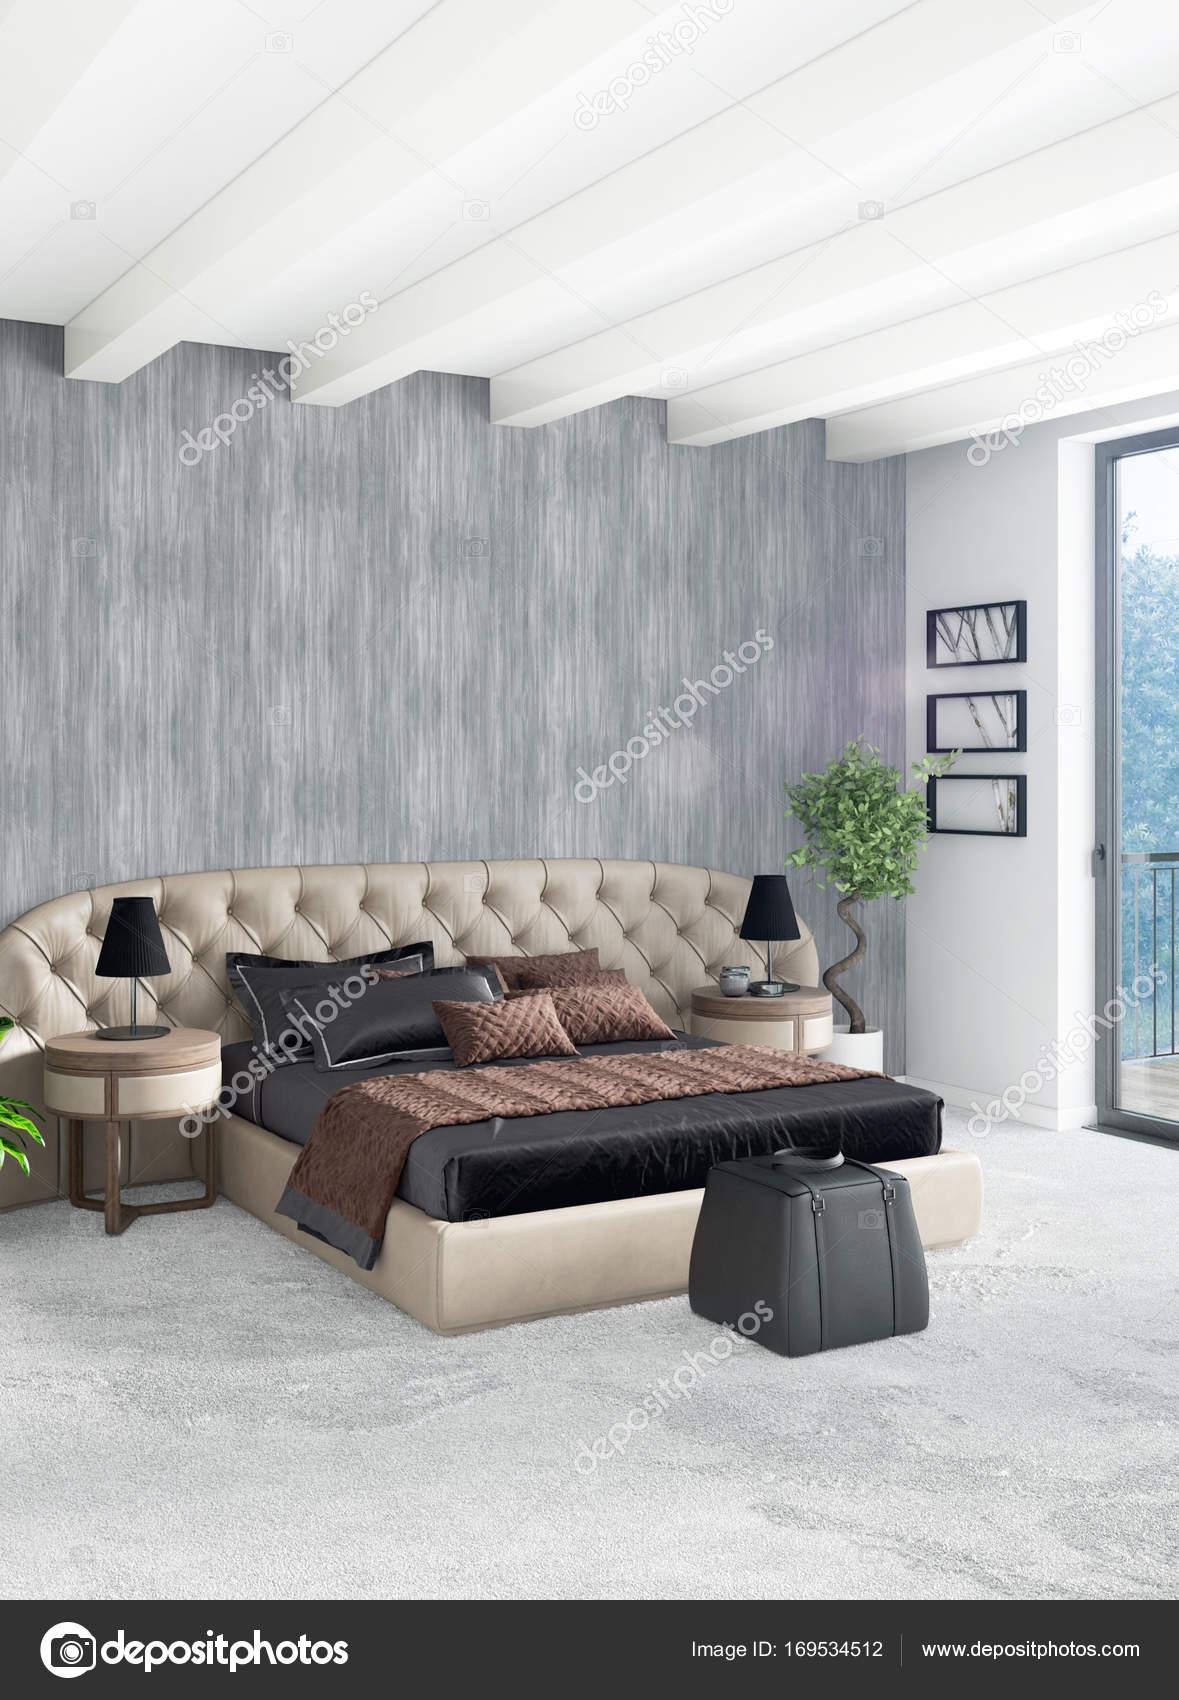 Letto Matrimoniale A Soppalco.Soppalco Con Letto Matrimoniale In Stile Moderno Interior Design Con